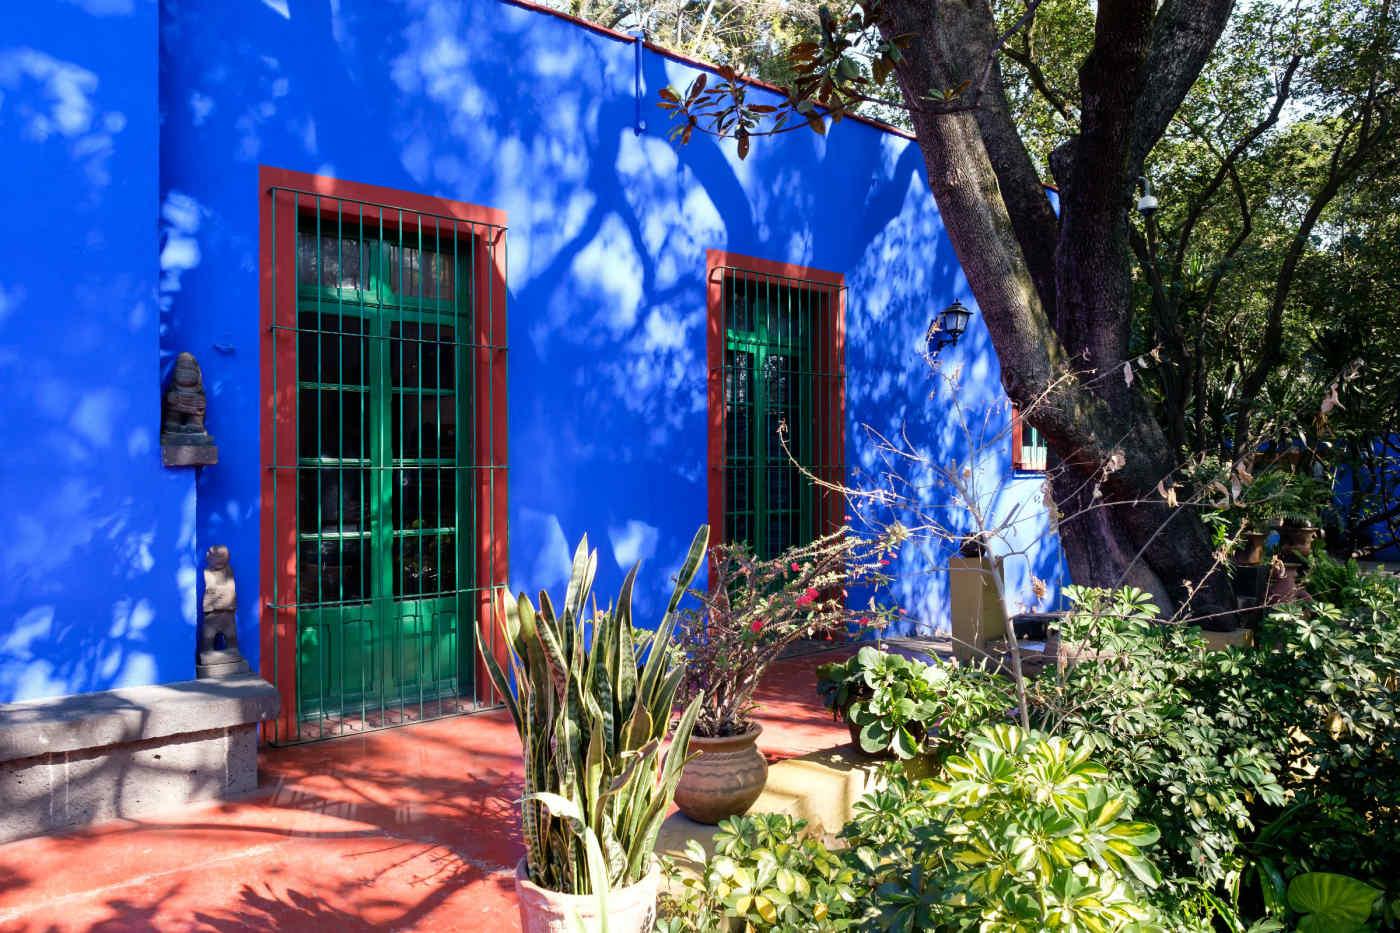 Frieda Kahlo Museum